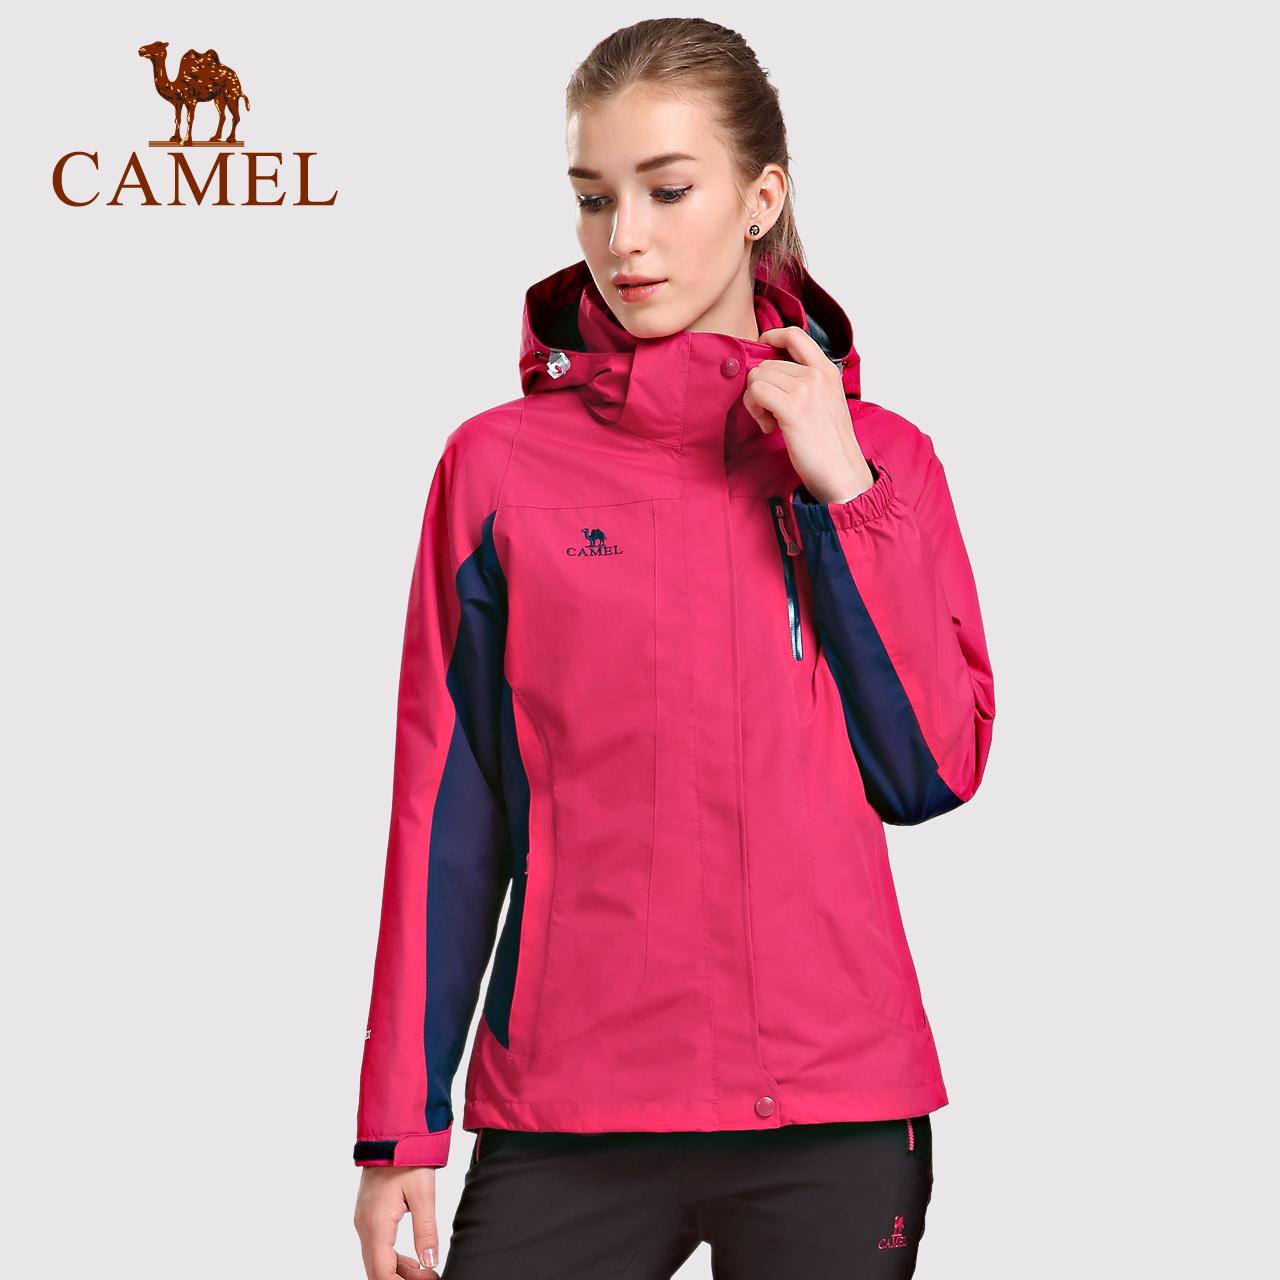 情侣款Camel/骆驼户外登山服冬季防寒服男女防风保暖三合一冲锋衣